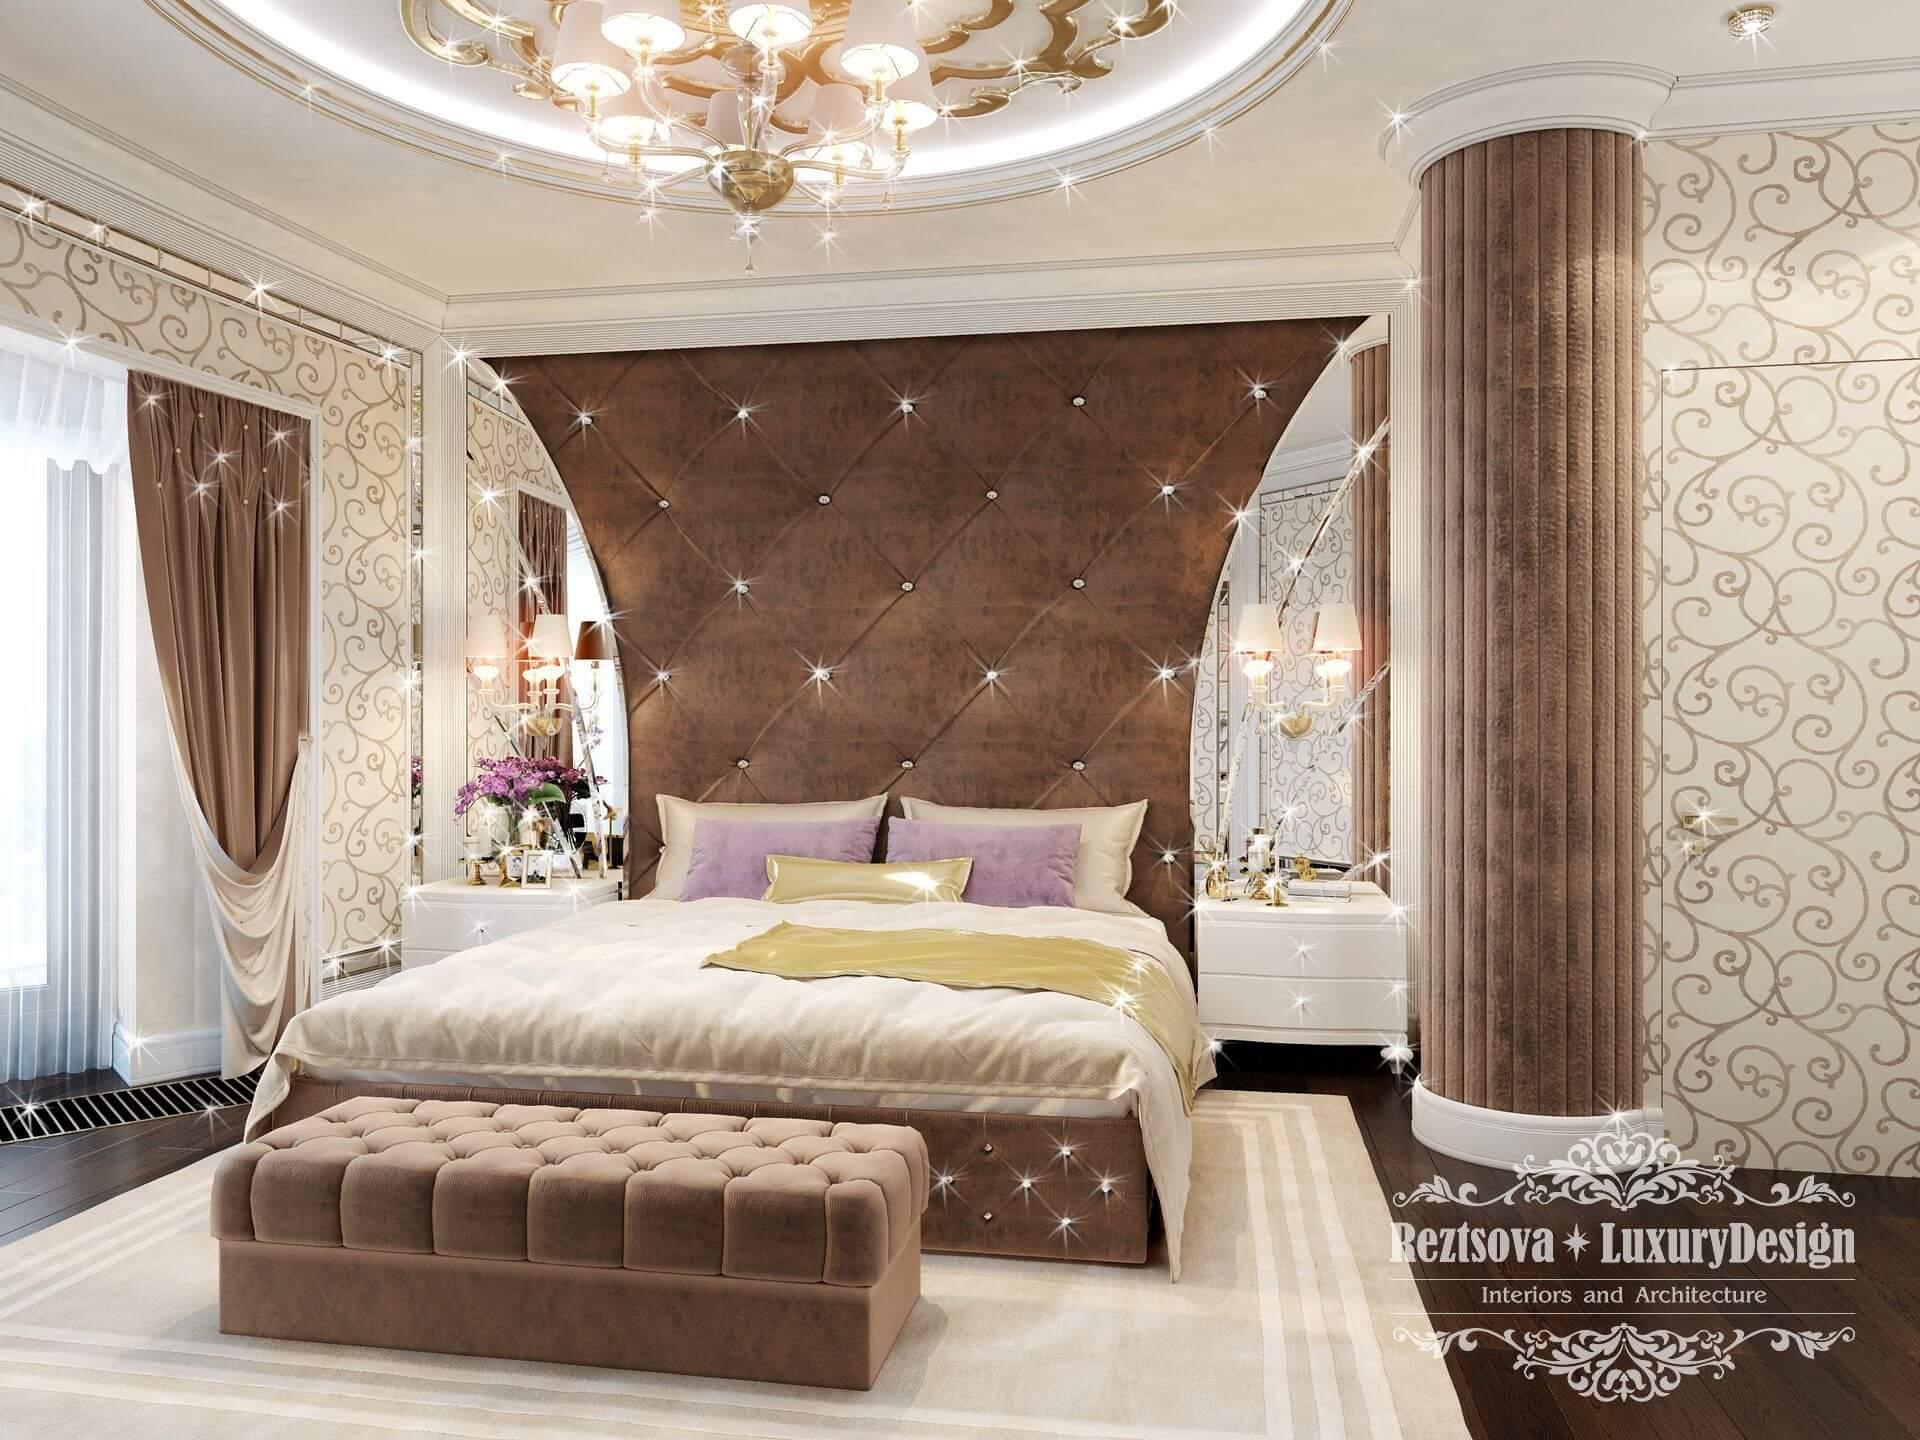 Стоимость дизайн проекта интерьера дома